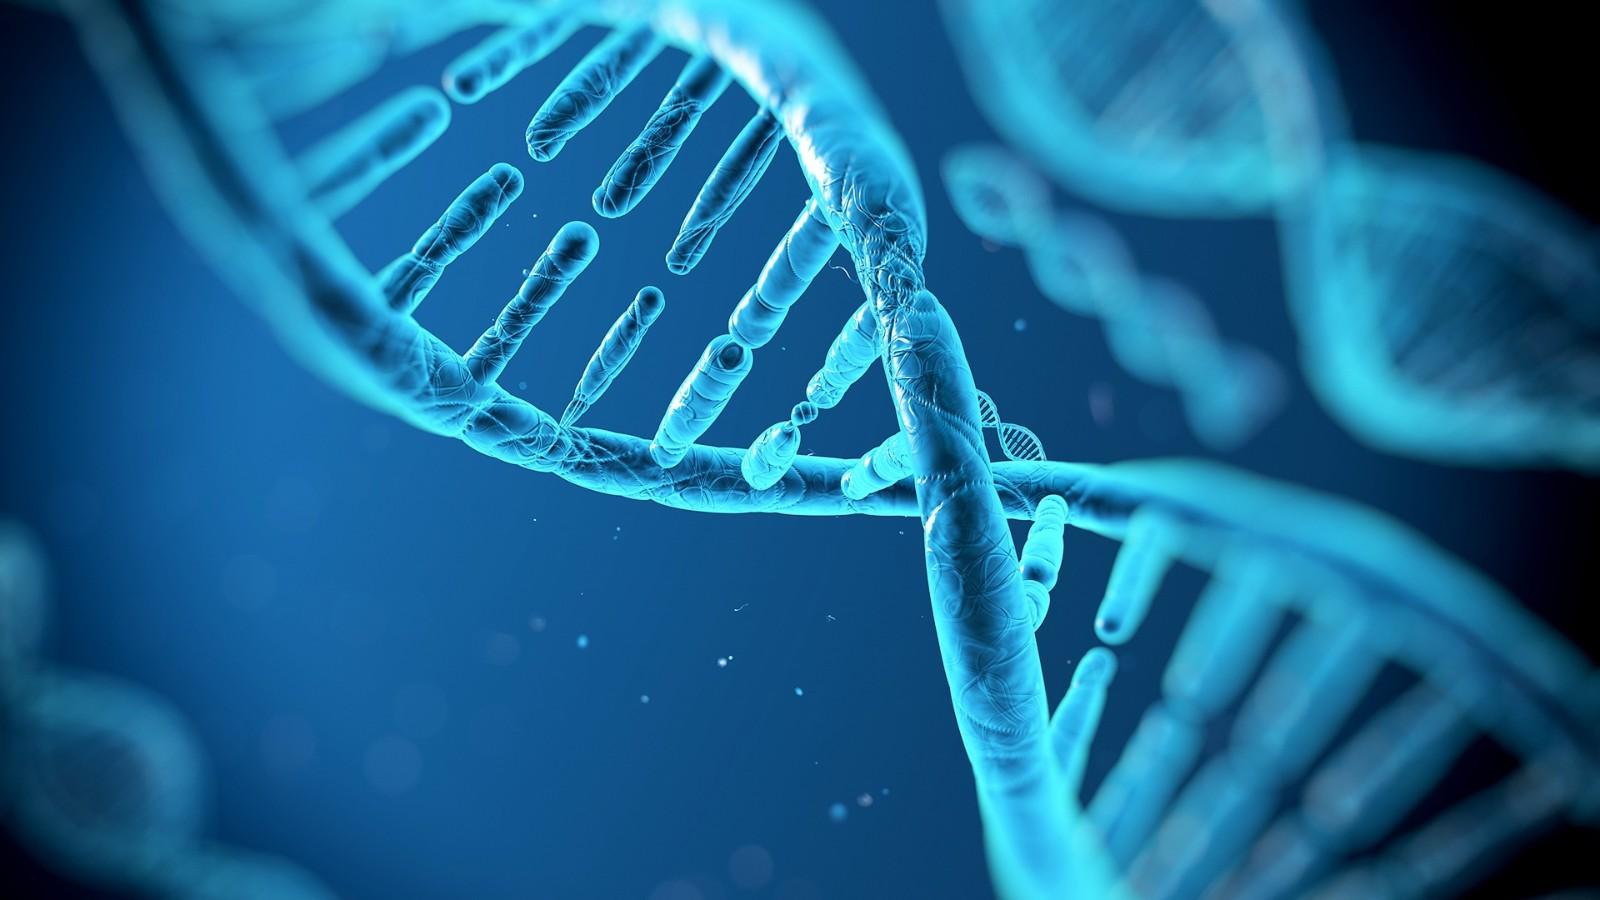 遗传病能根治了?美国批准第一种基因疗法_图1-1